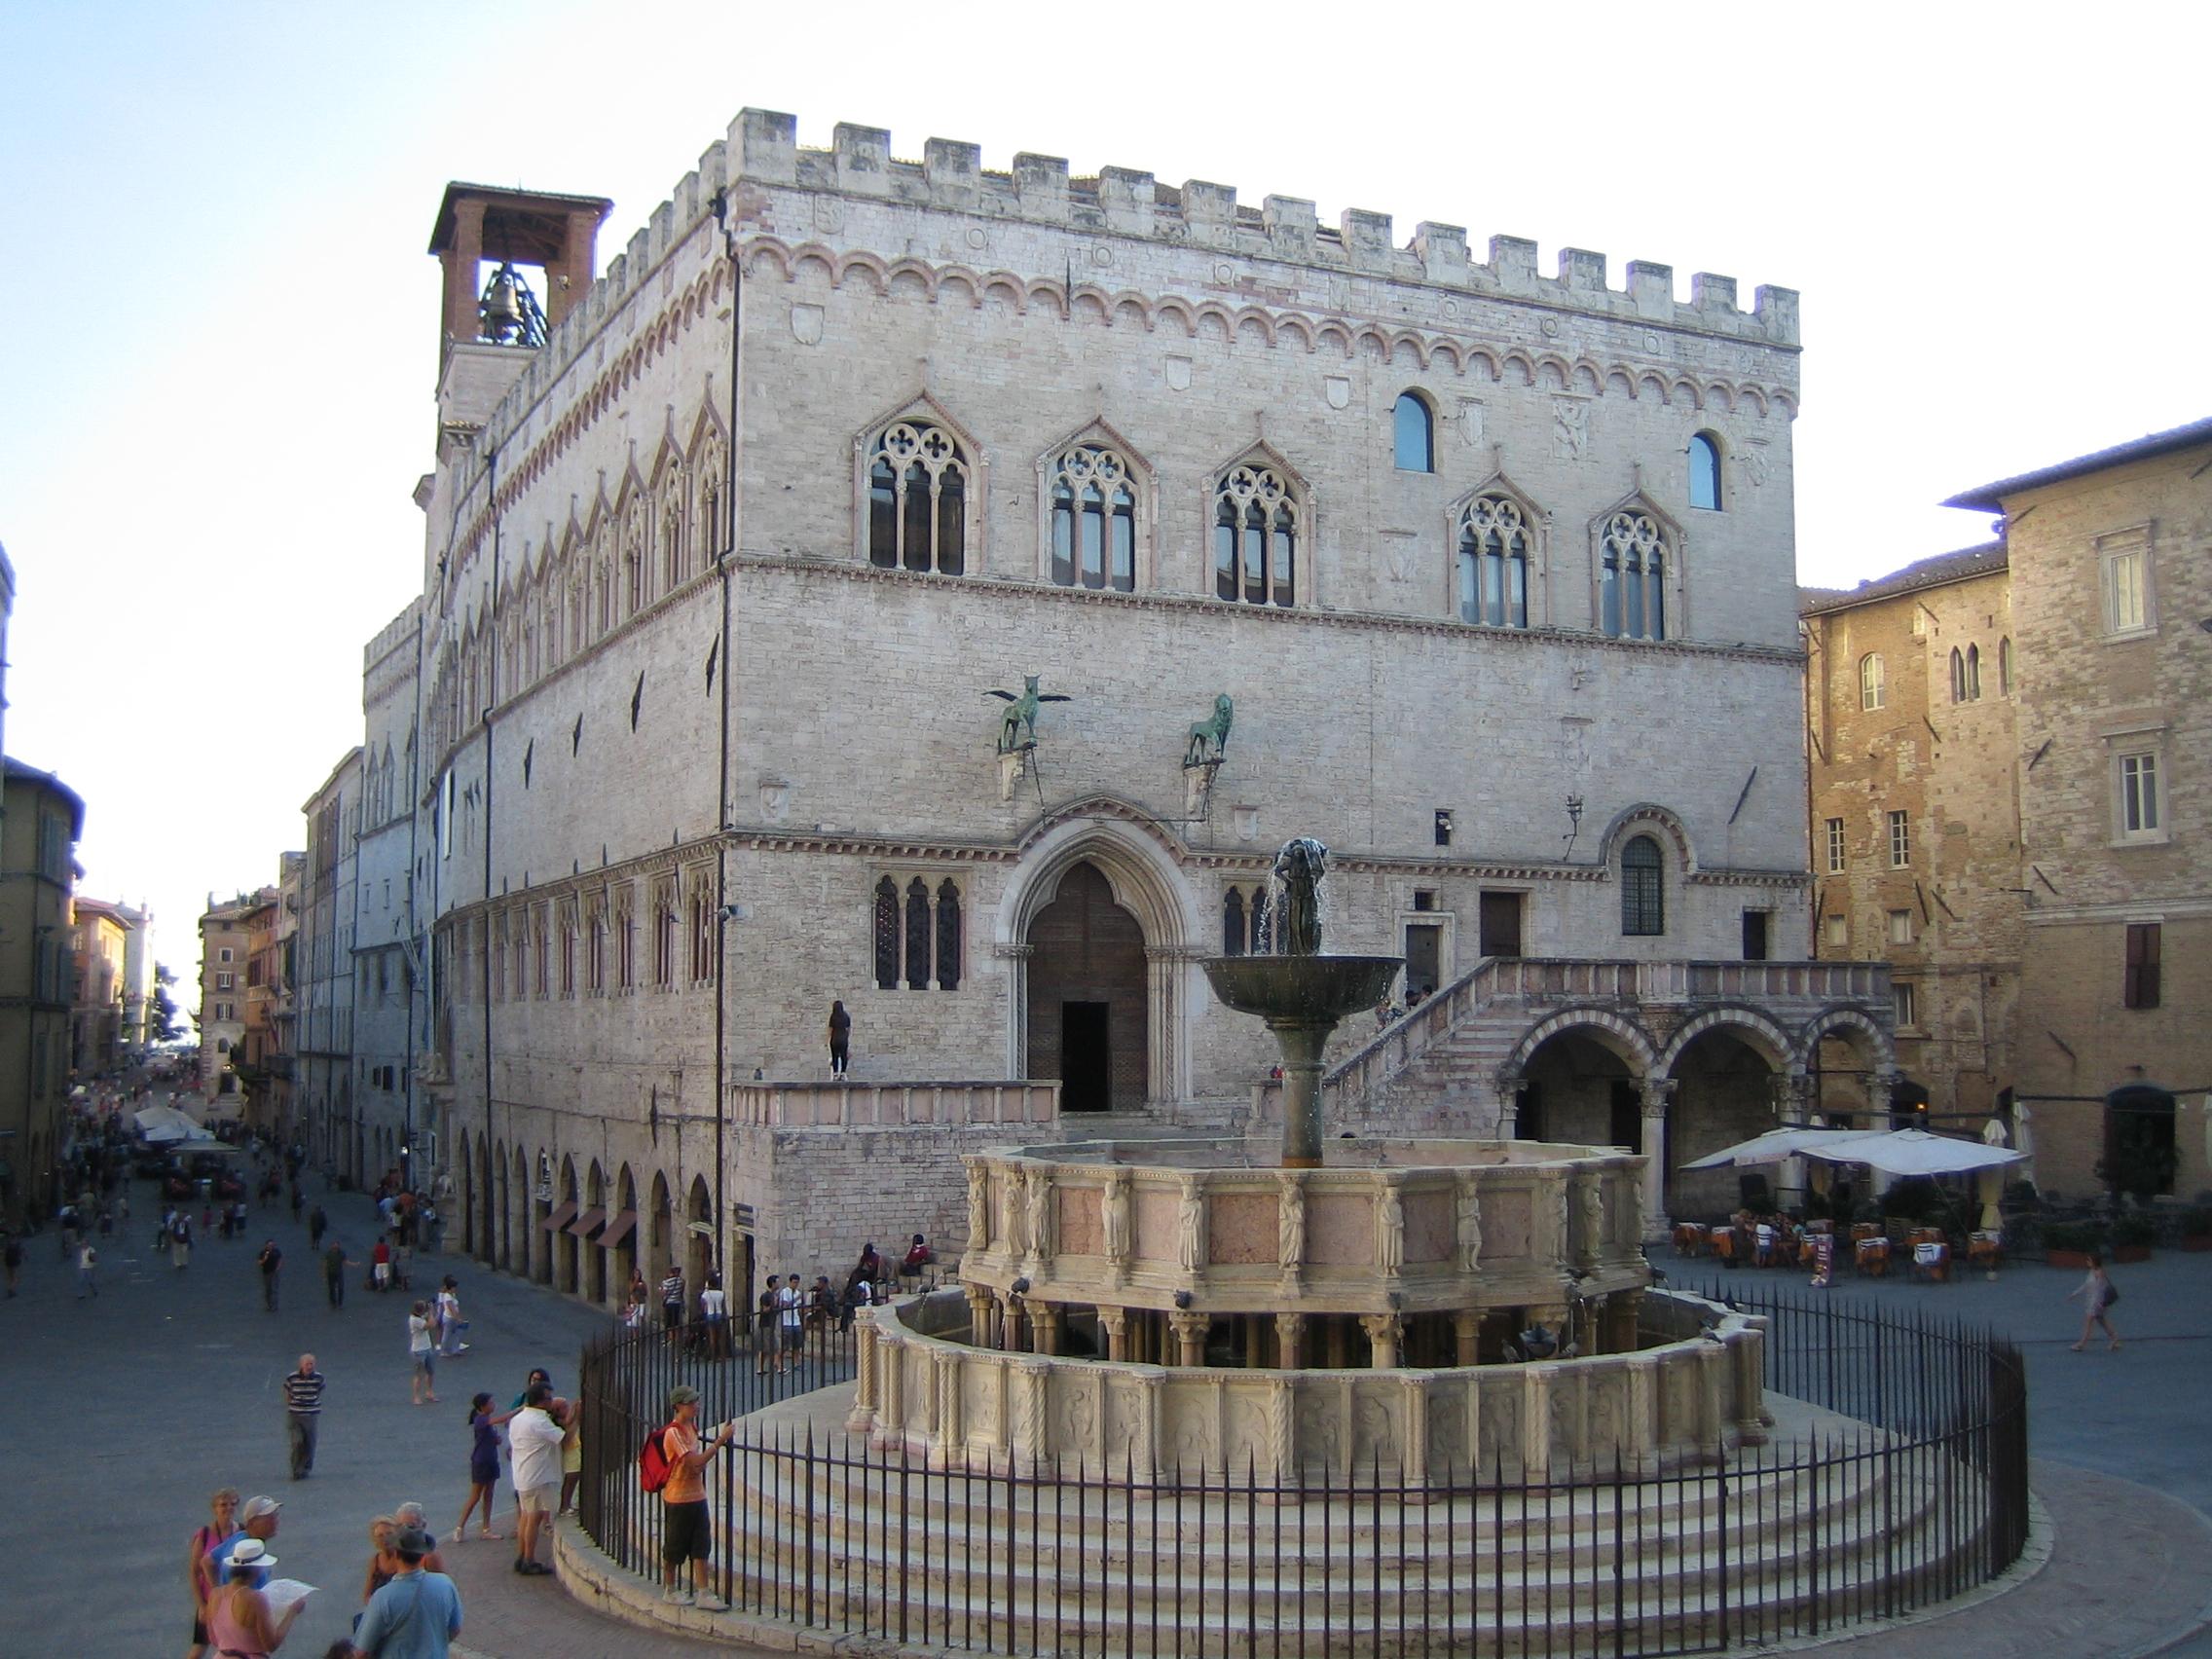 Perugia (P. Franchini, 2012)